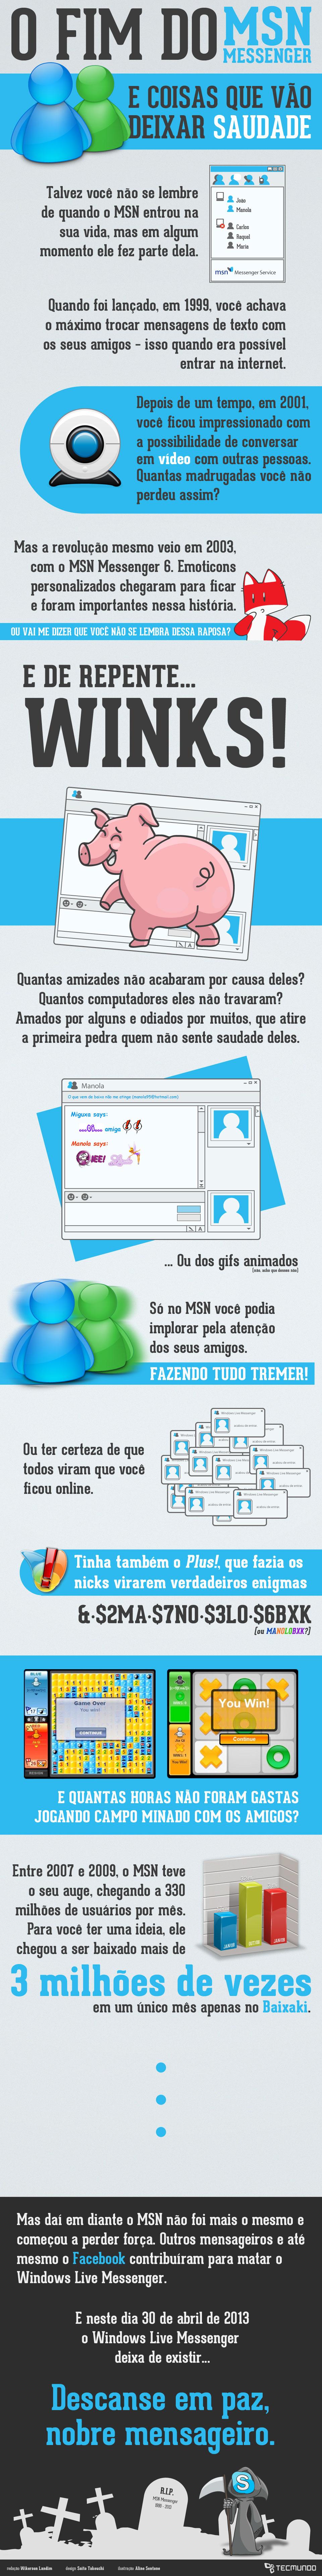 O fim do MSN Messenger: uma era que vai deixar saudade [infográfico]